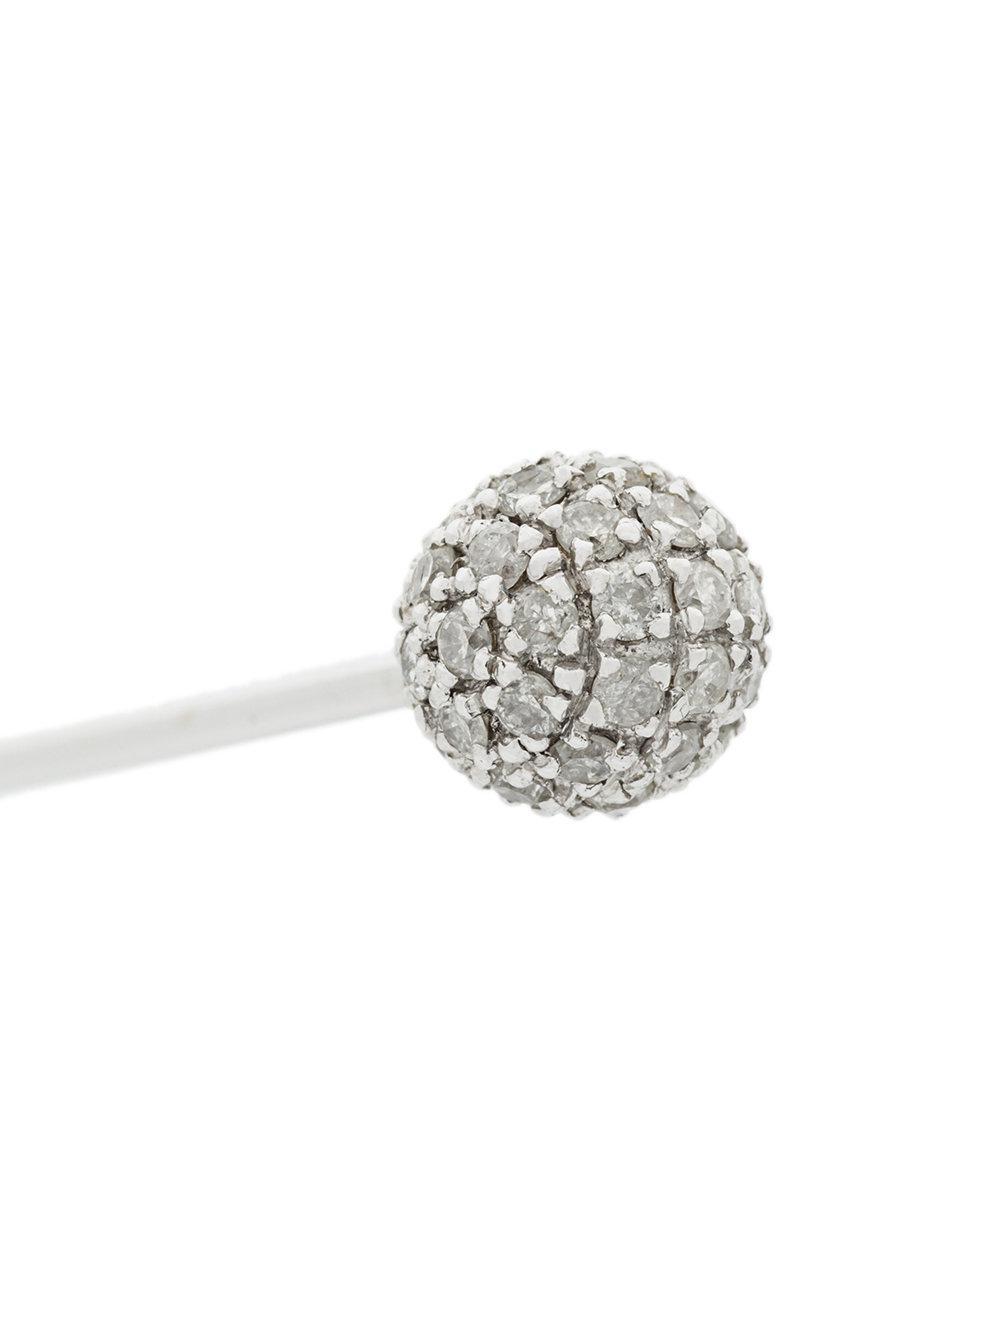 Elise Dray embellished bar stud earring - Metallic 5xPFNXNyH